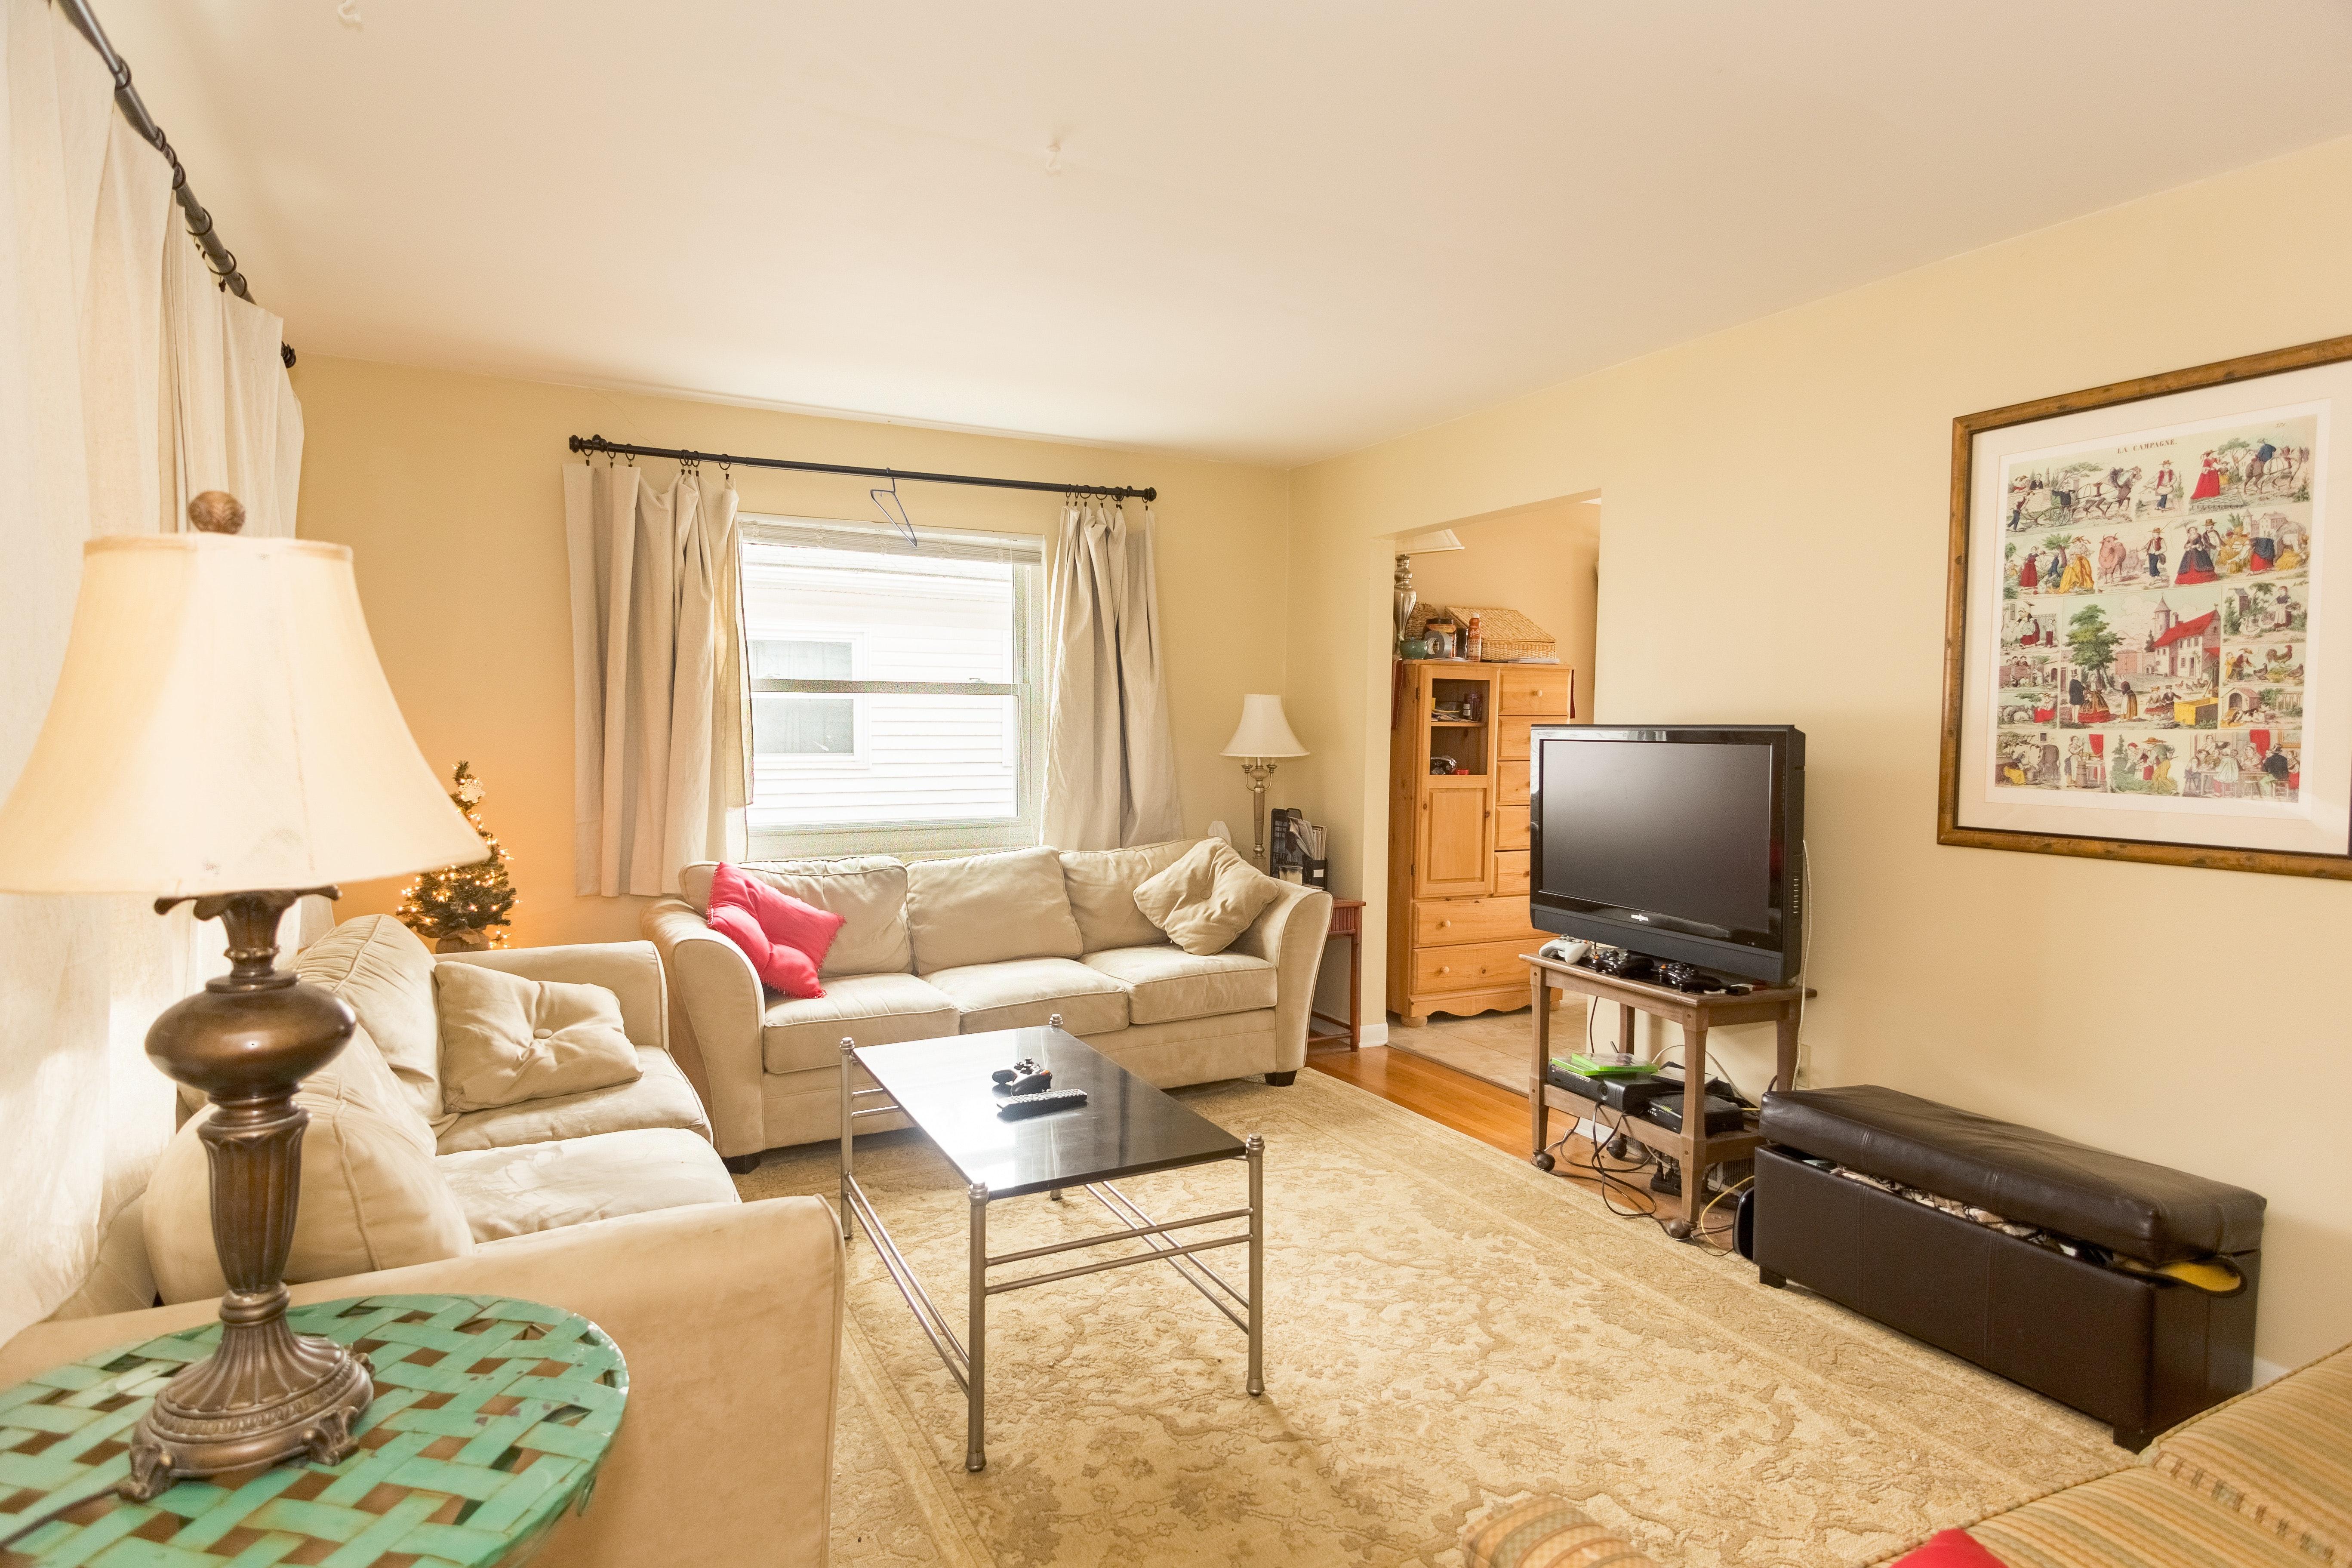 <p>Разместете мебелите в дневната. Така ще имате възможност да избършете добре под тях, където се събира много прах и трохи. С разместването не само чистите, но и разнообразявате стаята.</p>